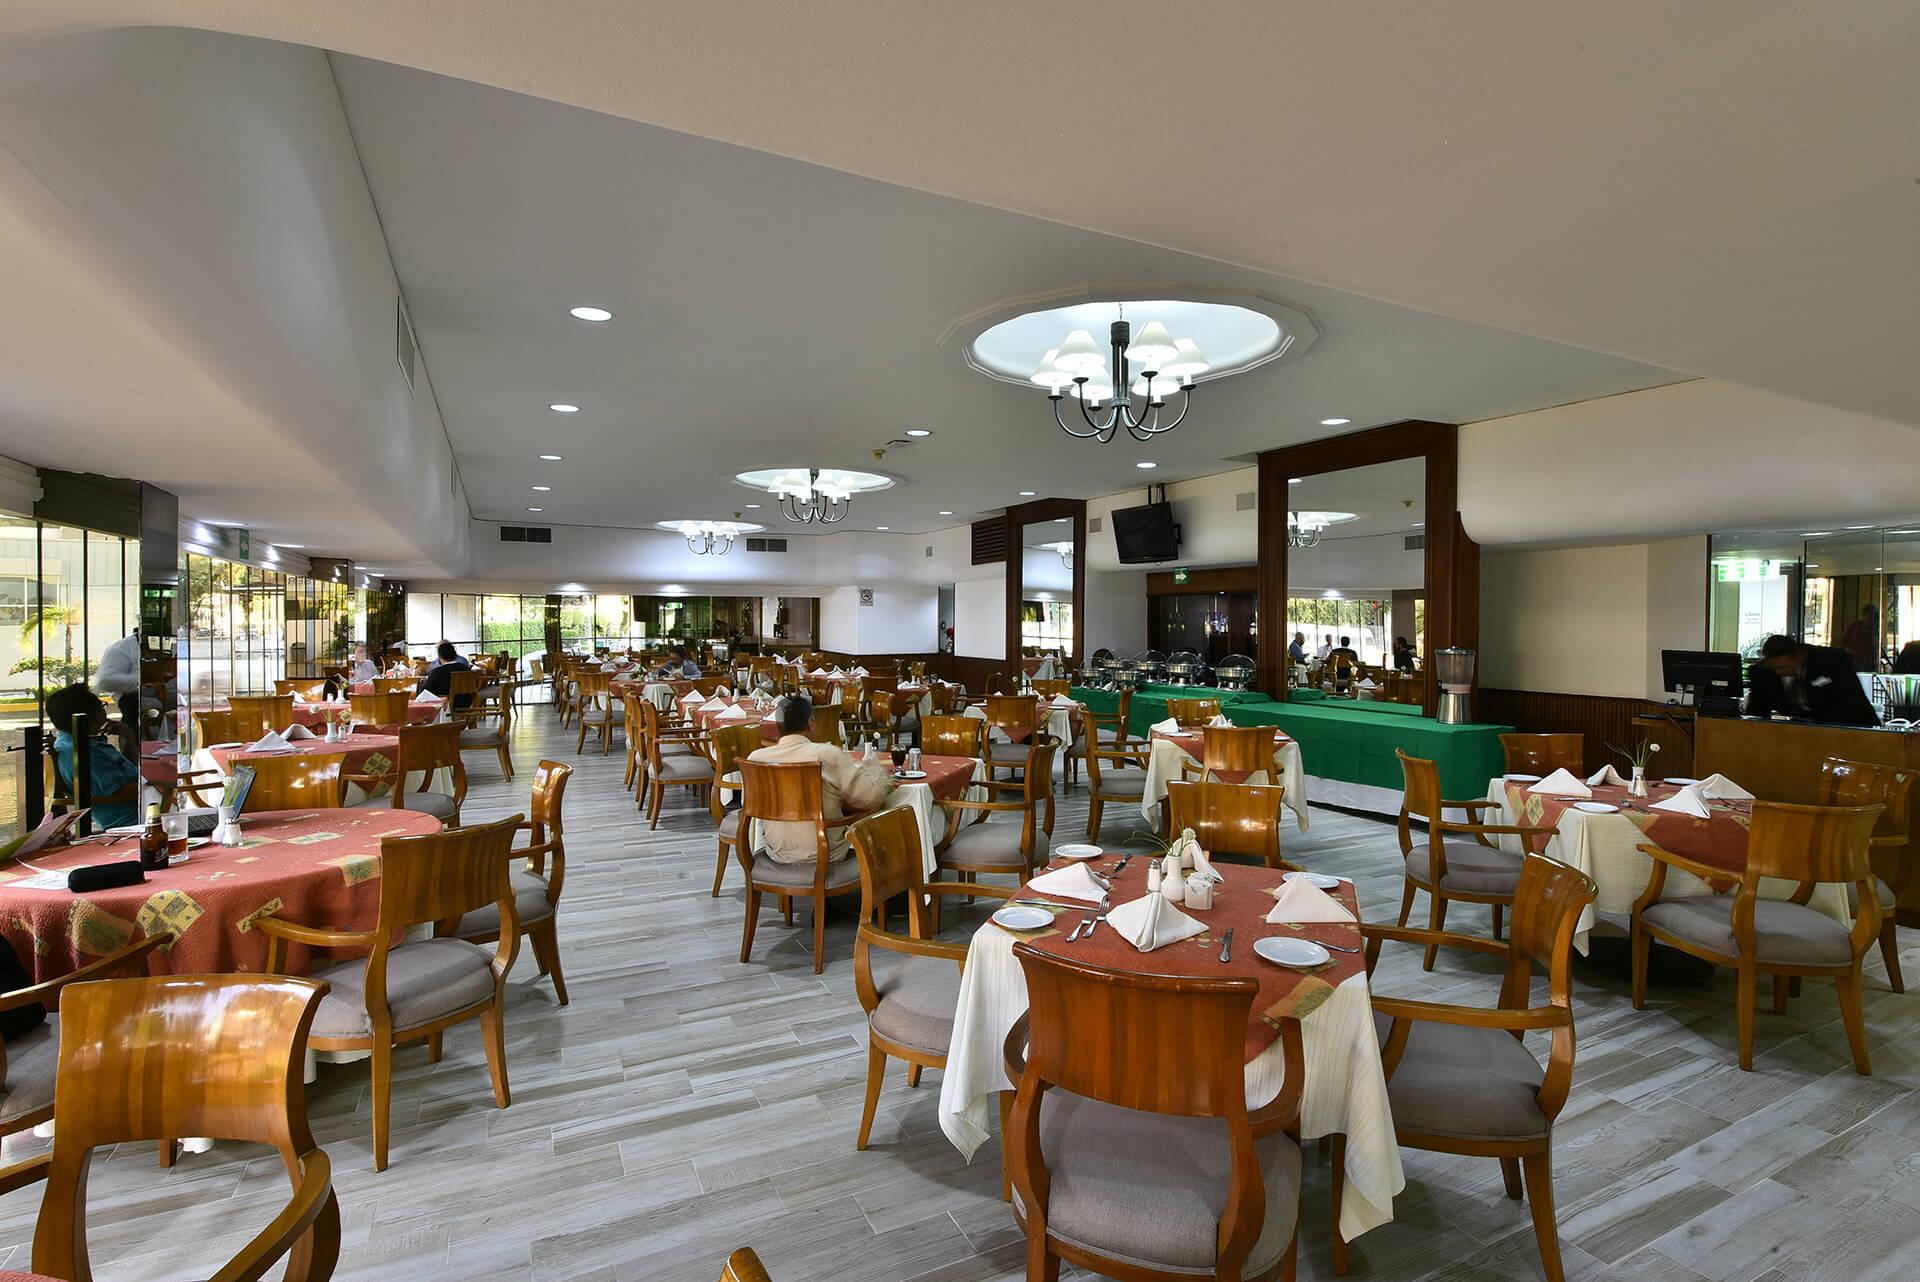 Holiday Inn Morelia - Imagen 2